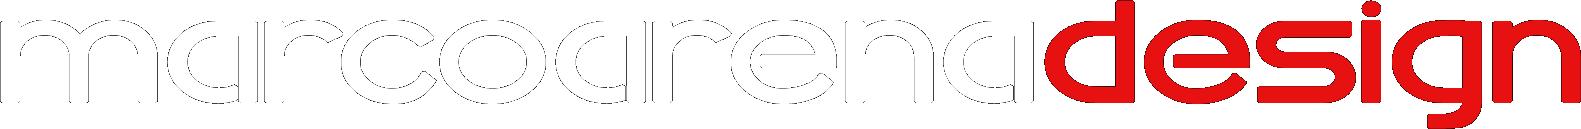 Marco Arena Design - Design su misura, Arredamento interni, esterni e commerciale.